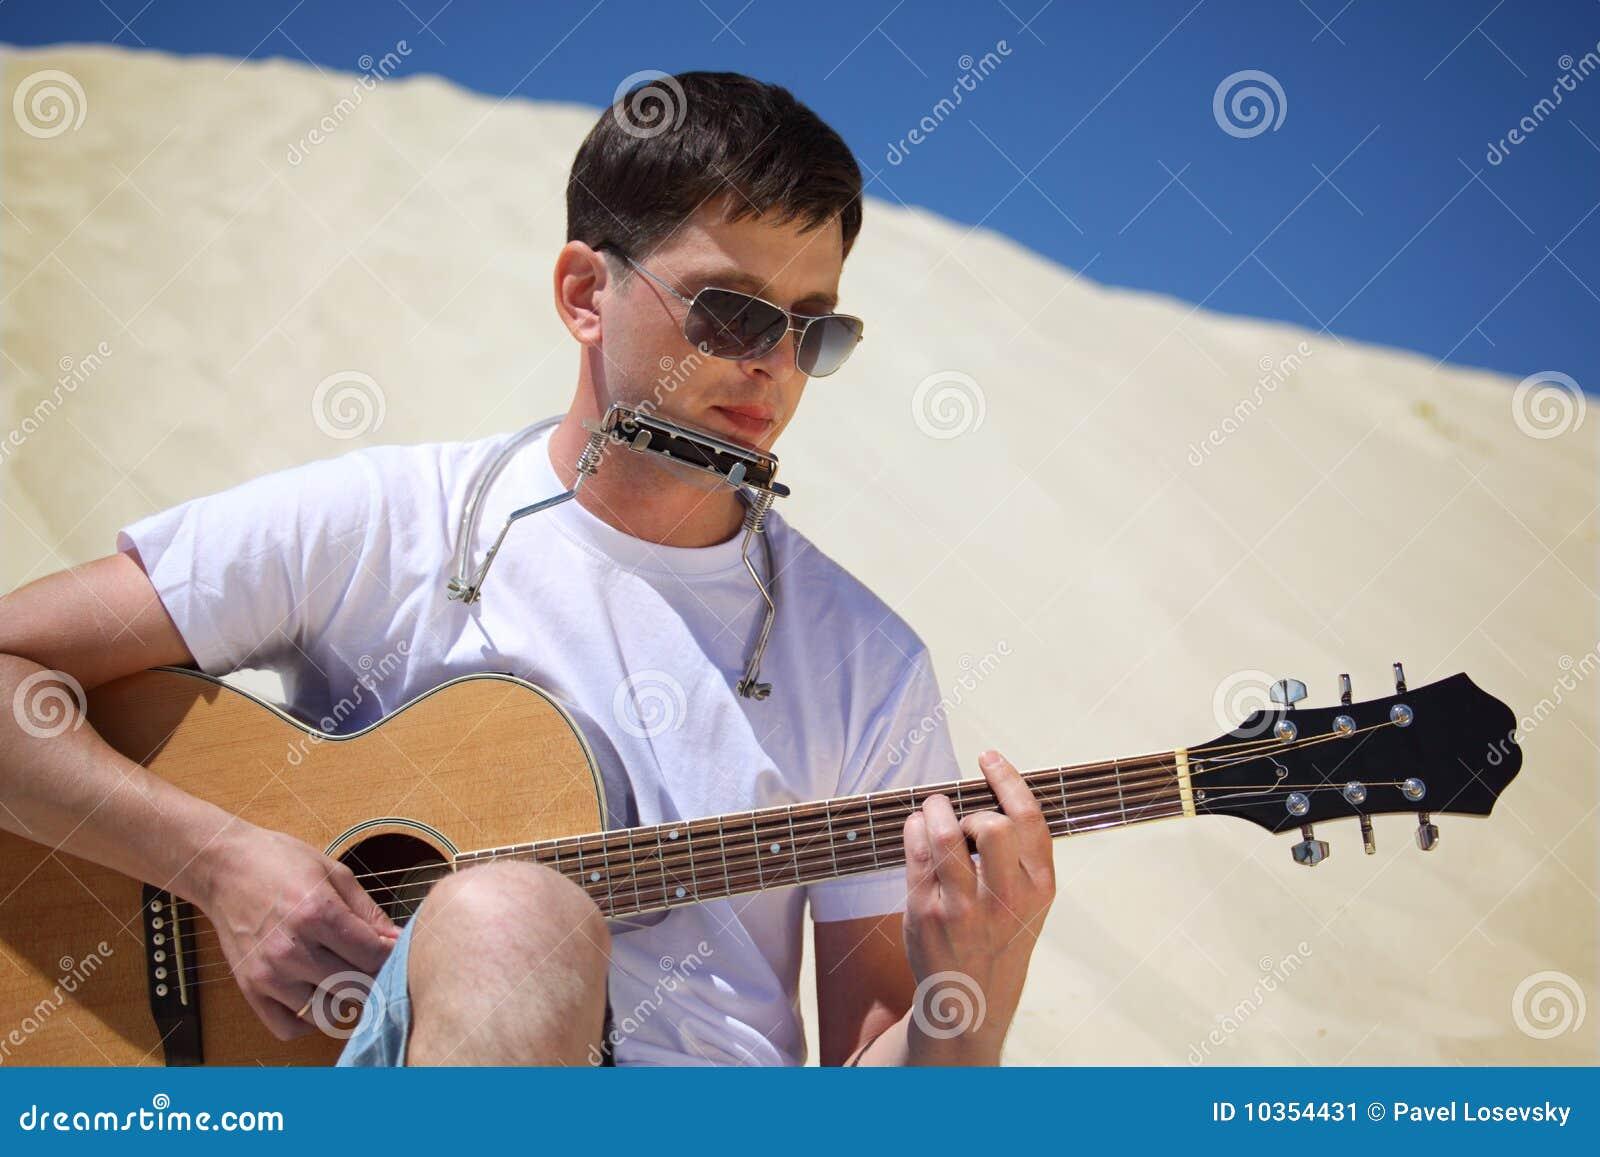 губа ванты гитары аккордеони играет усаживание san